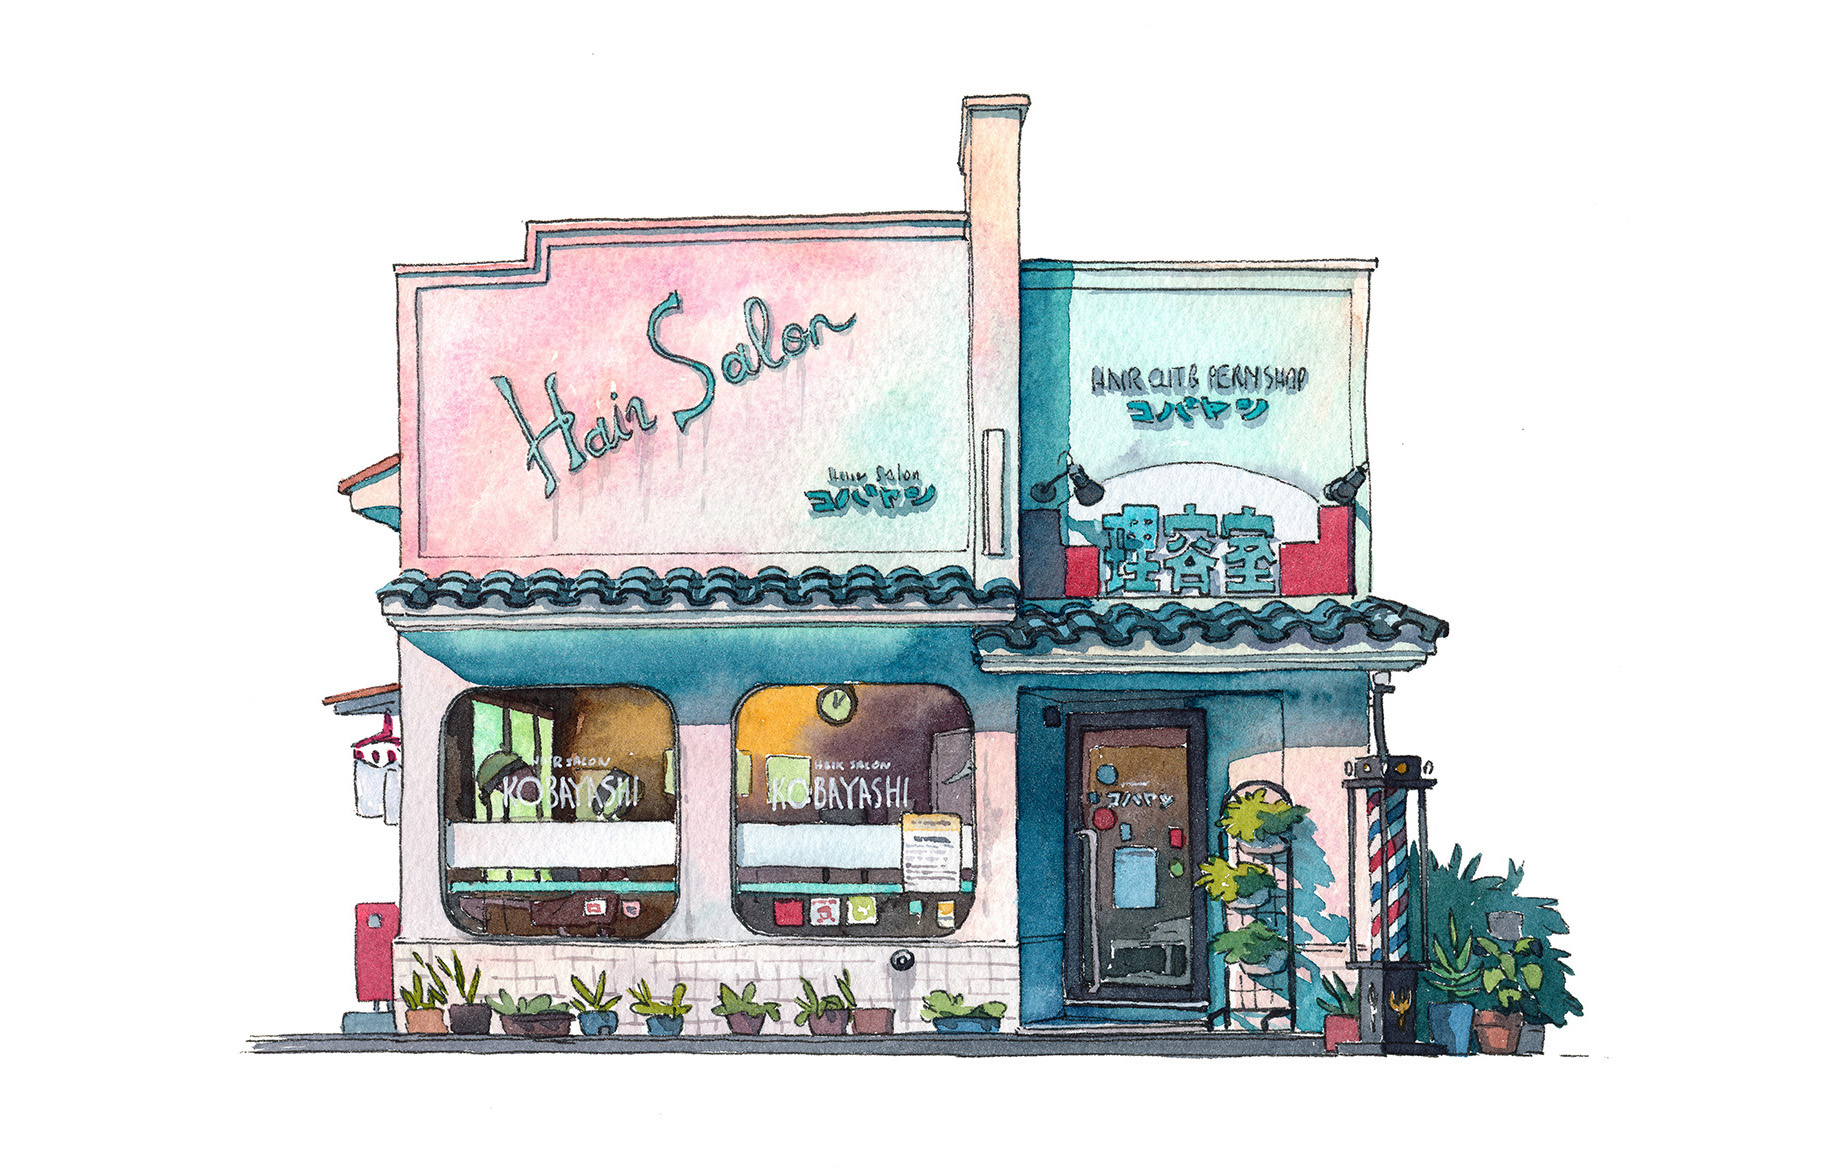 Kobayashi hair salon from Sanbanchyo district